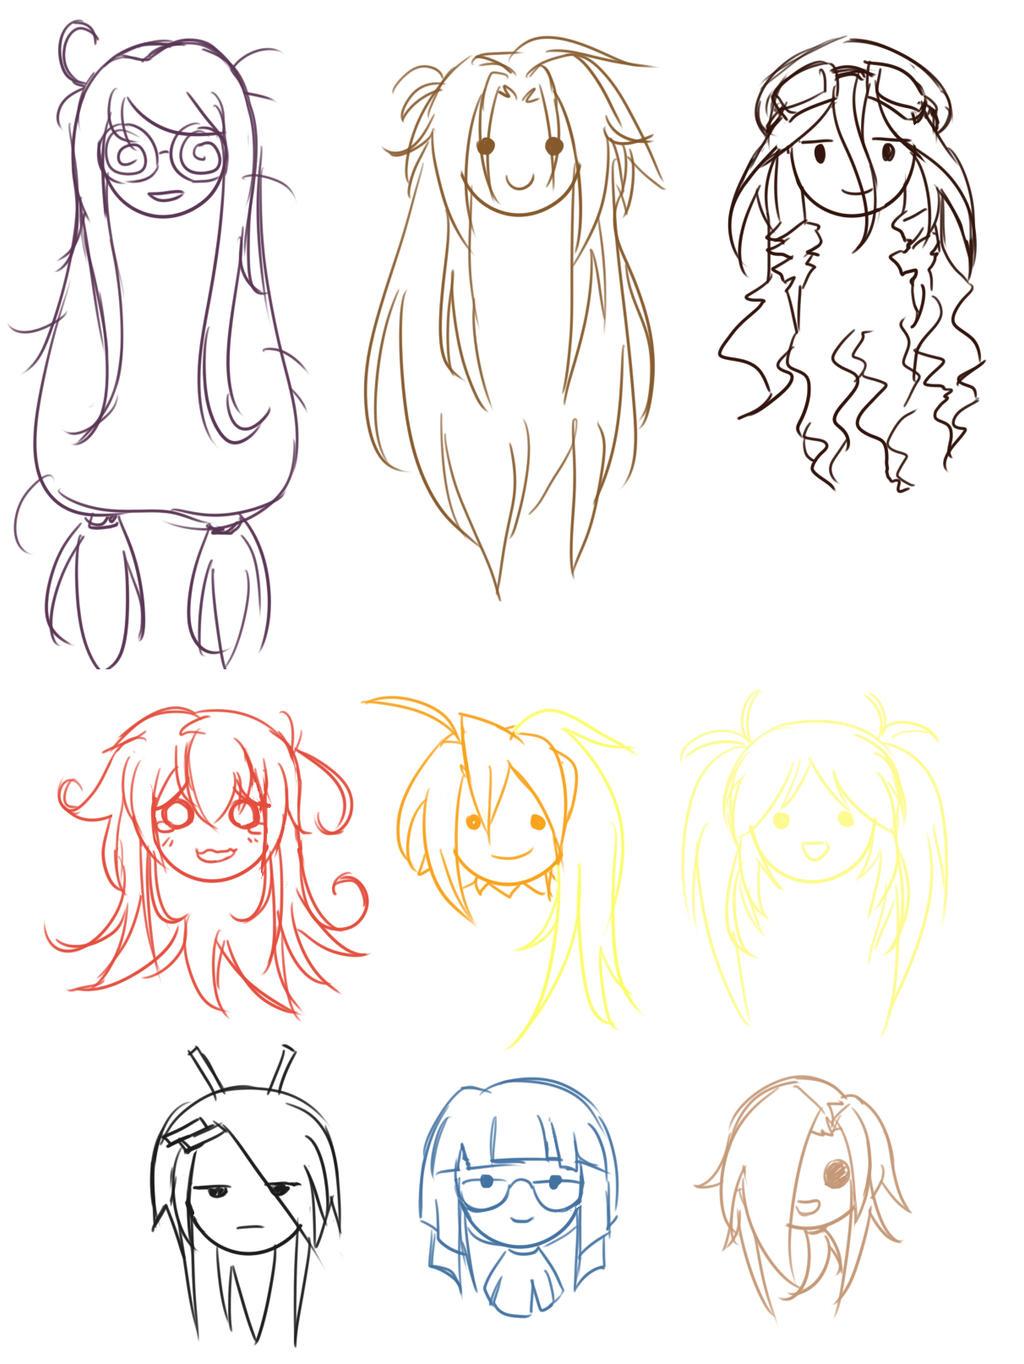 Как рисовать аниме карандашом для начинающих по схеме